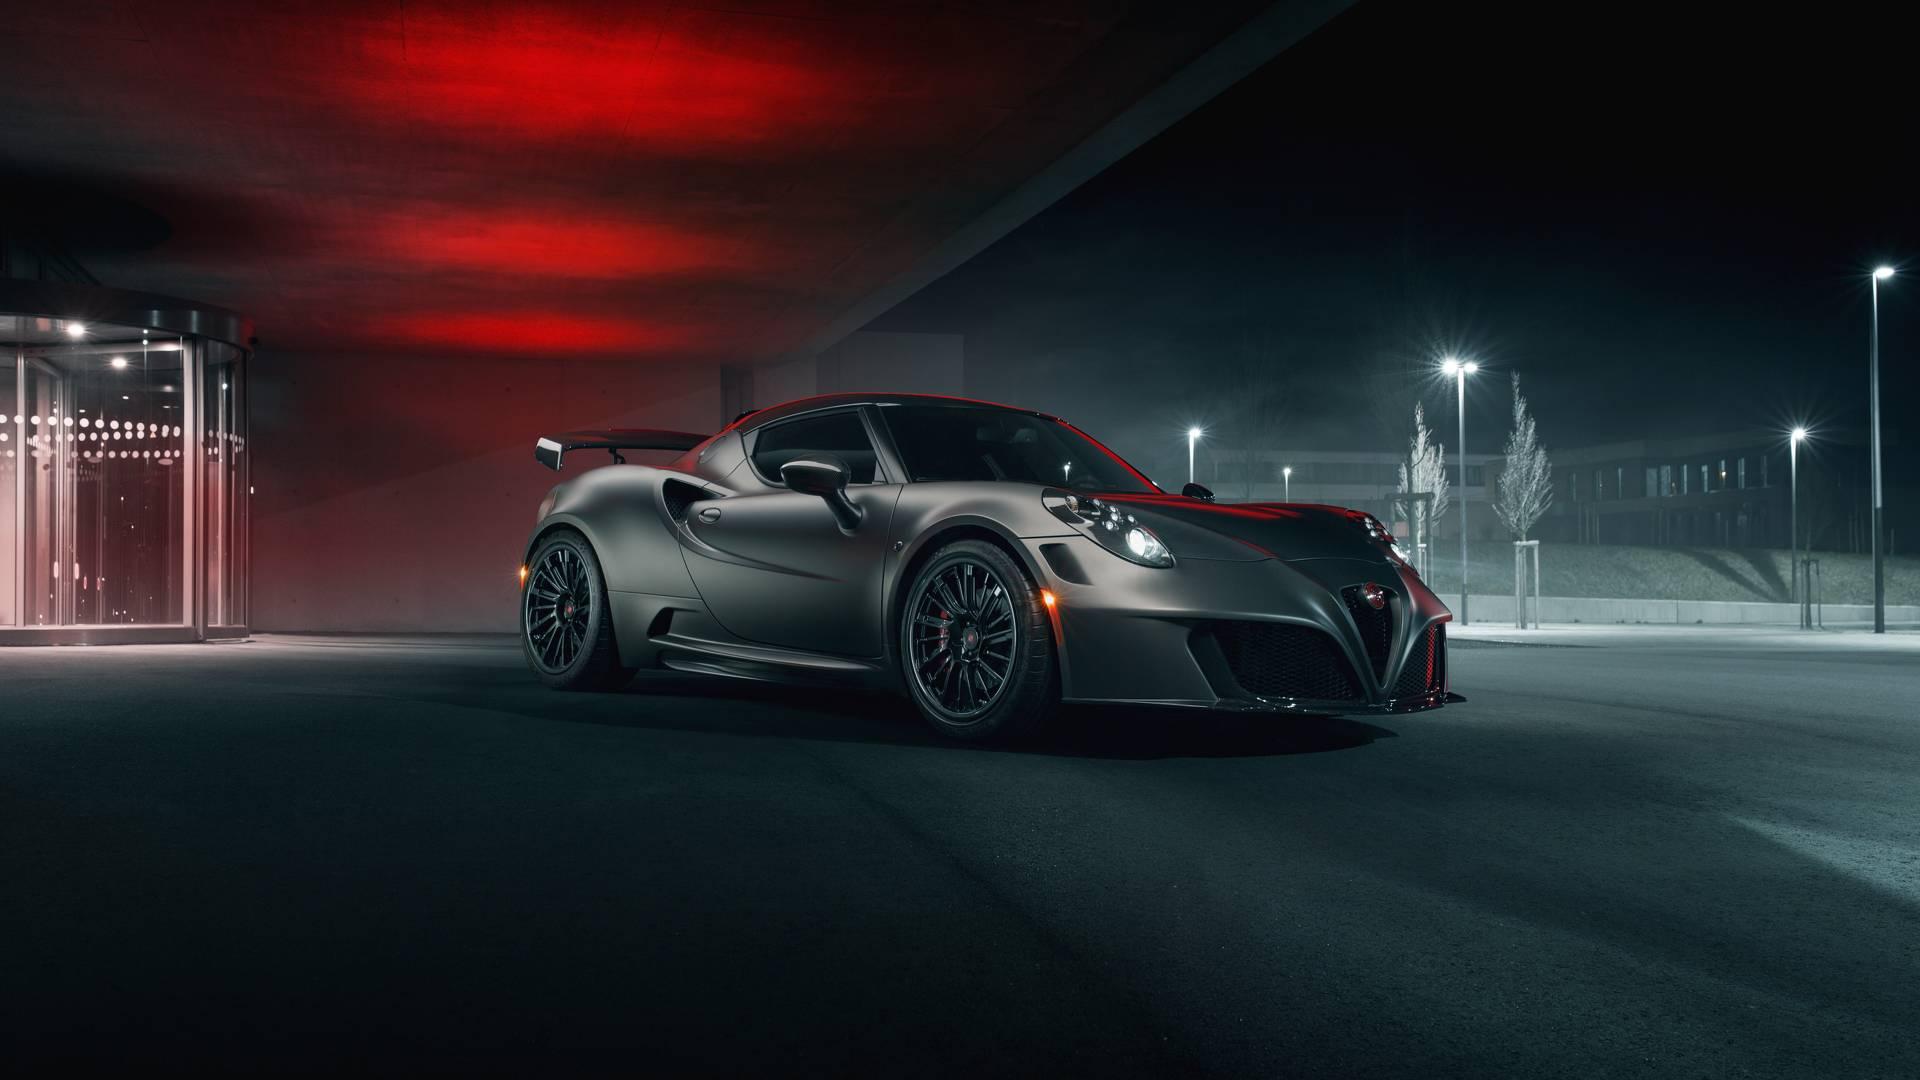 4C od Pogea Racing Ma dwukrotnie więcej mocy ForzaItalia